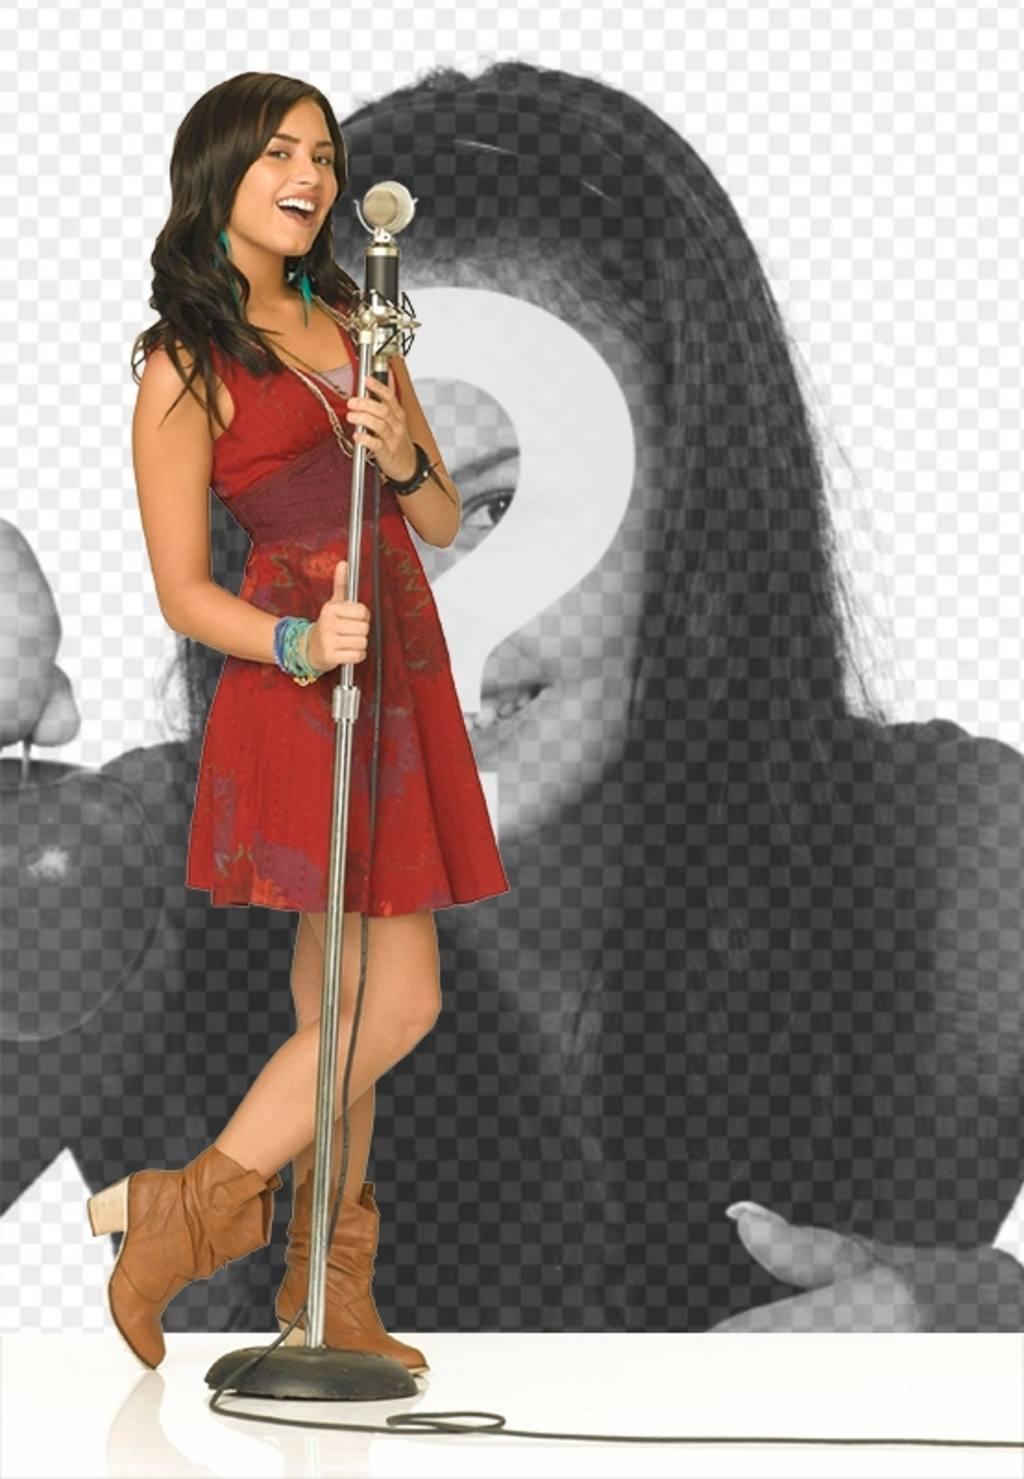 Photomontage de Camp Rock 2 avec Demi Lovato chant. Chantez à Demi